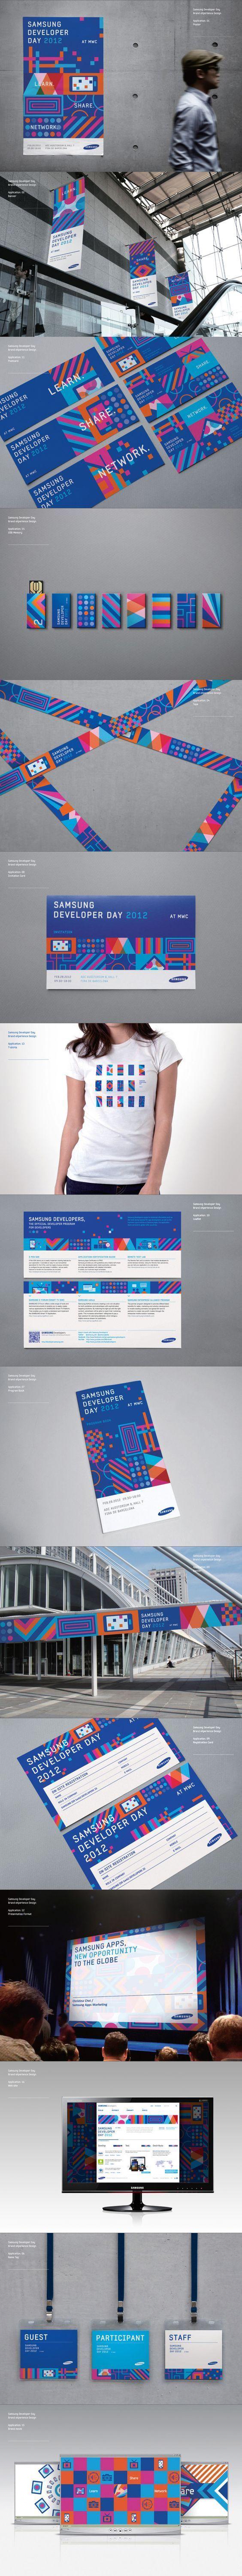 Samsung Developers Branding on Behance | Fivestar Branding – Design and Branding Agency & Inspiration Gallery: